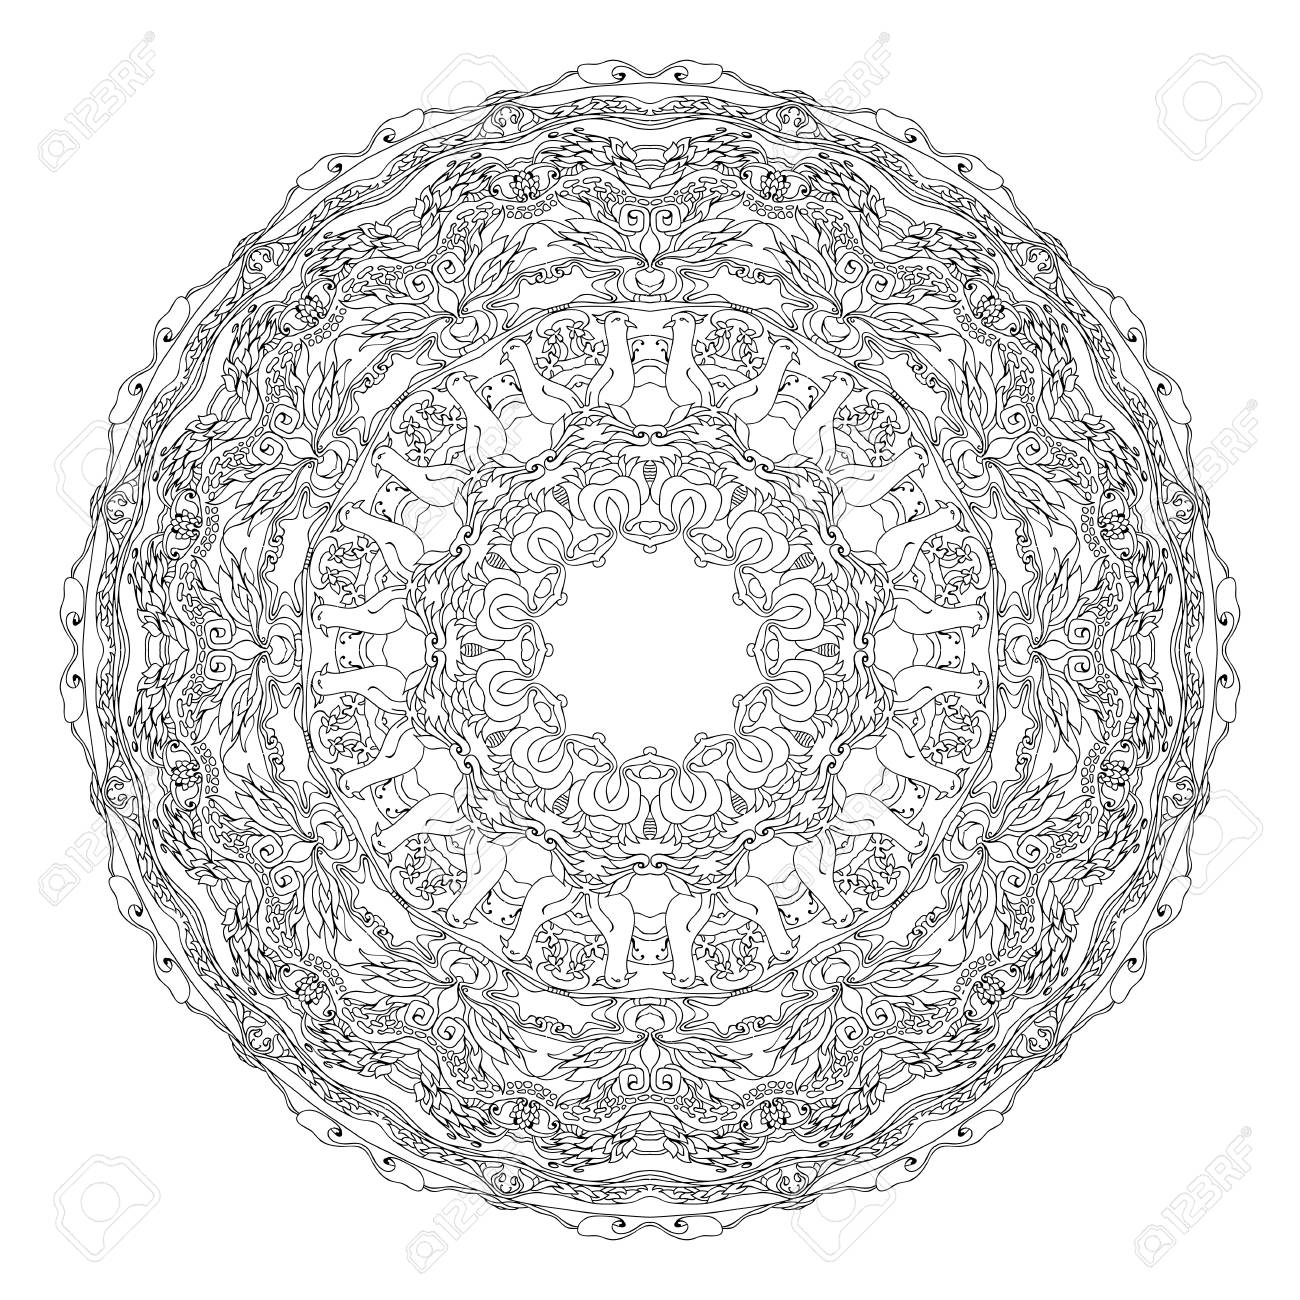 Coloriage De Mandala Doiseau.Mandala En Forme D Oiseaux Profilees Des Fleurs Des Feuilles Et